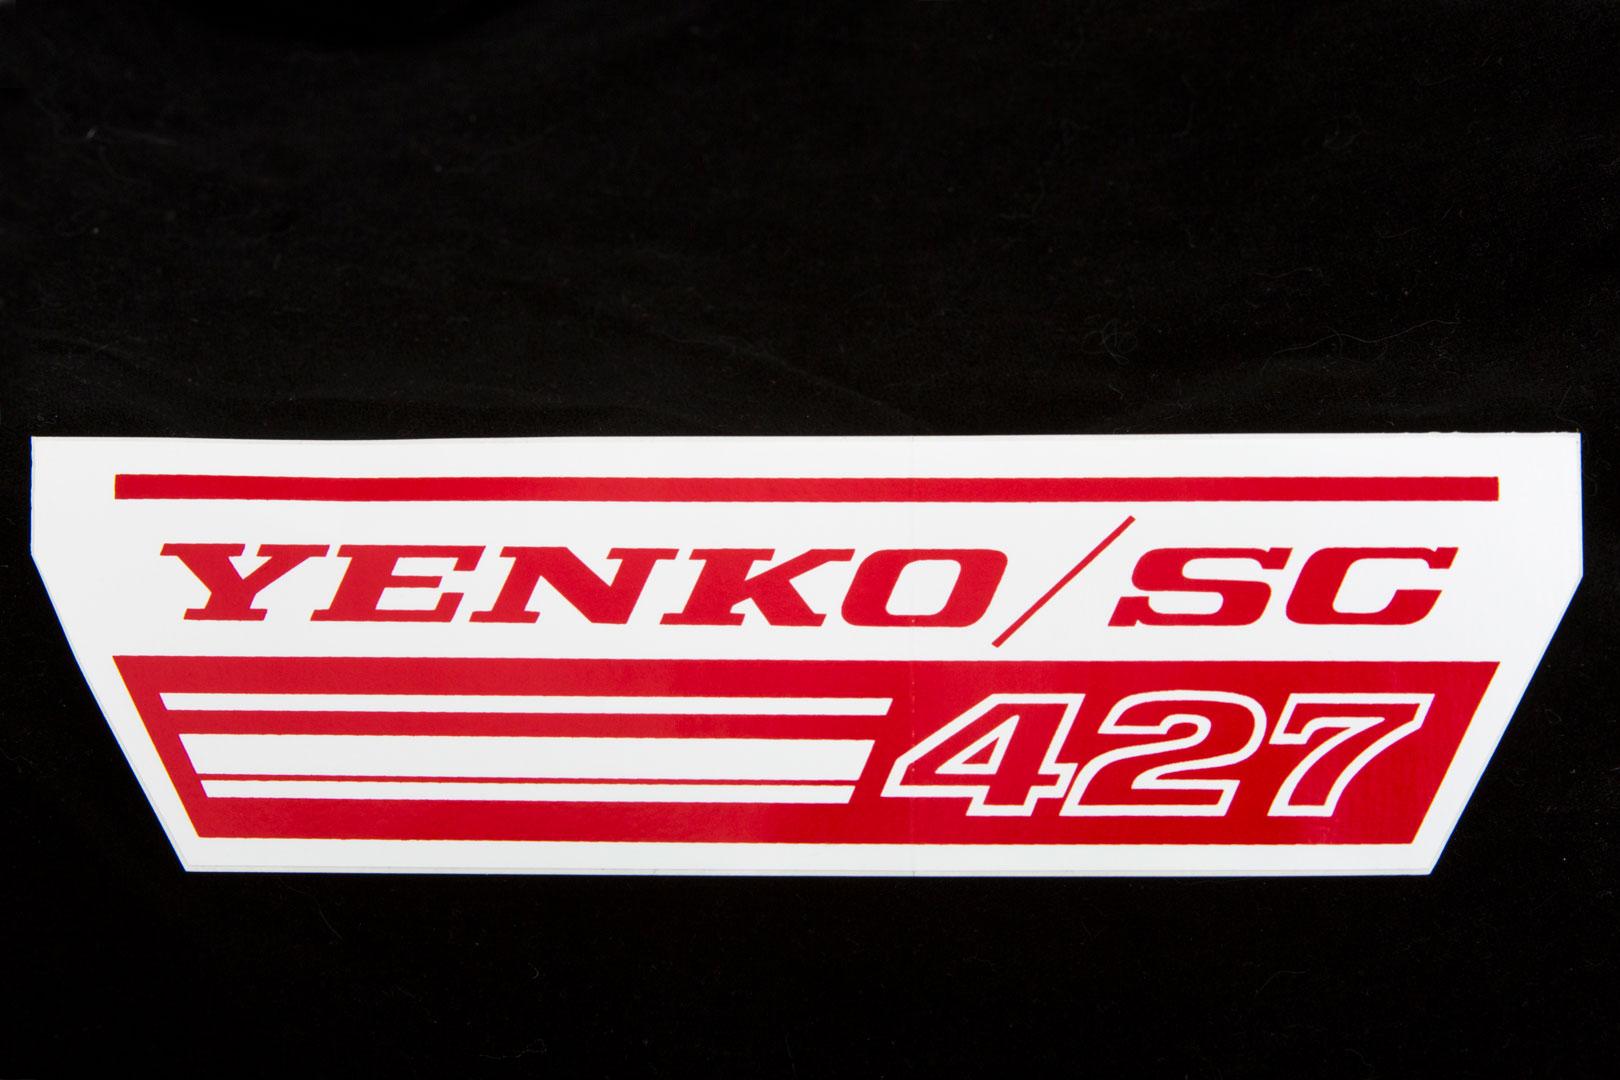 Yenko 427 badge